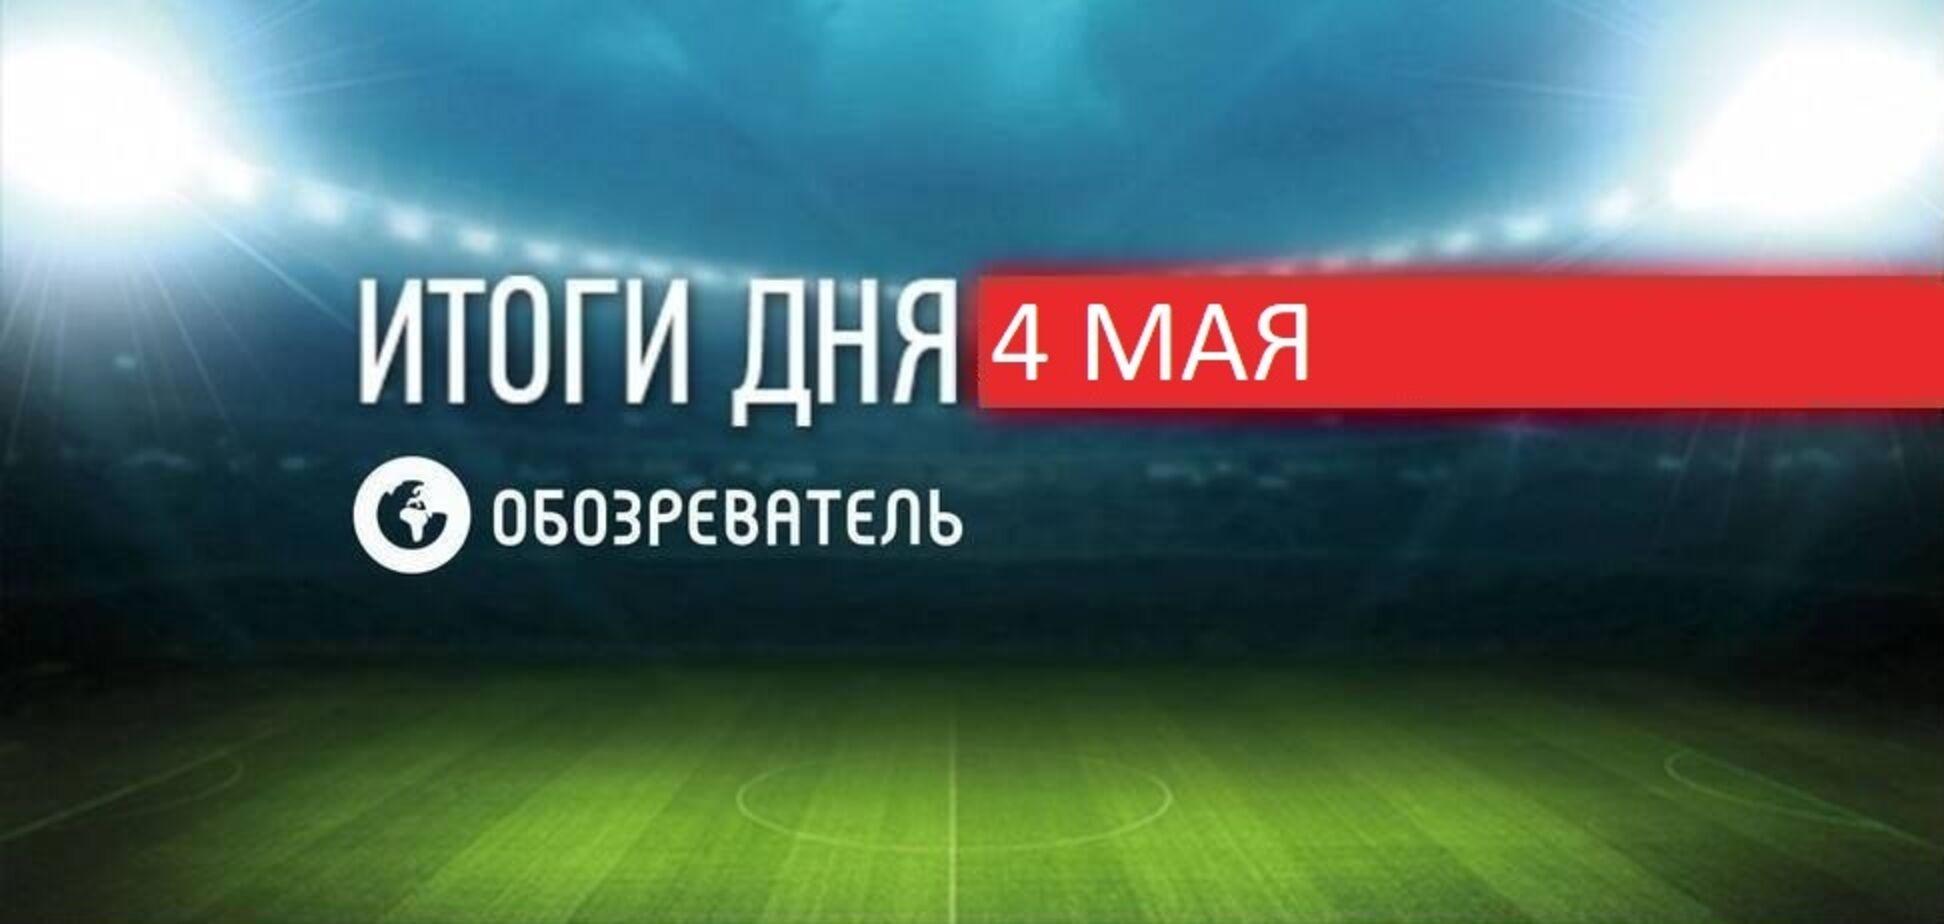 Новости спорта 4 мая: Зинченко с 'Манчестер Сити' вышел в финал Лиги чемпионов